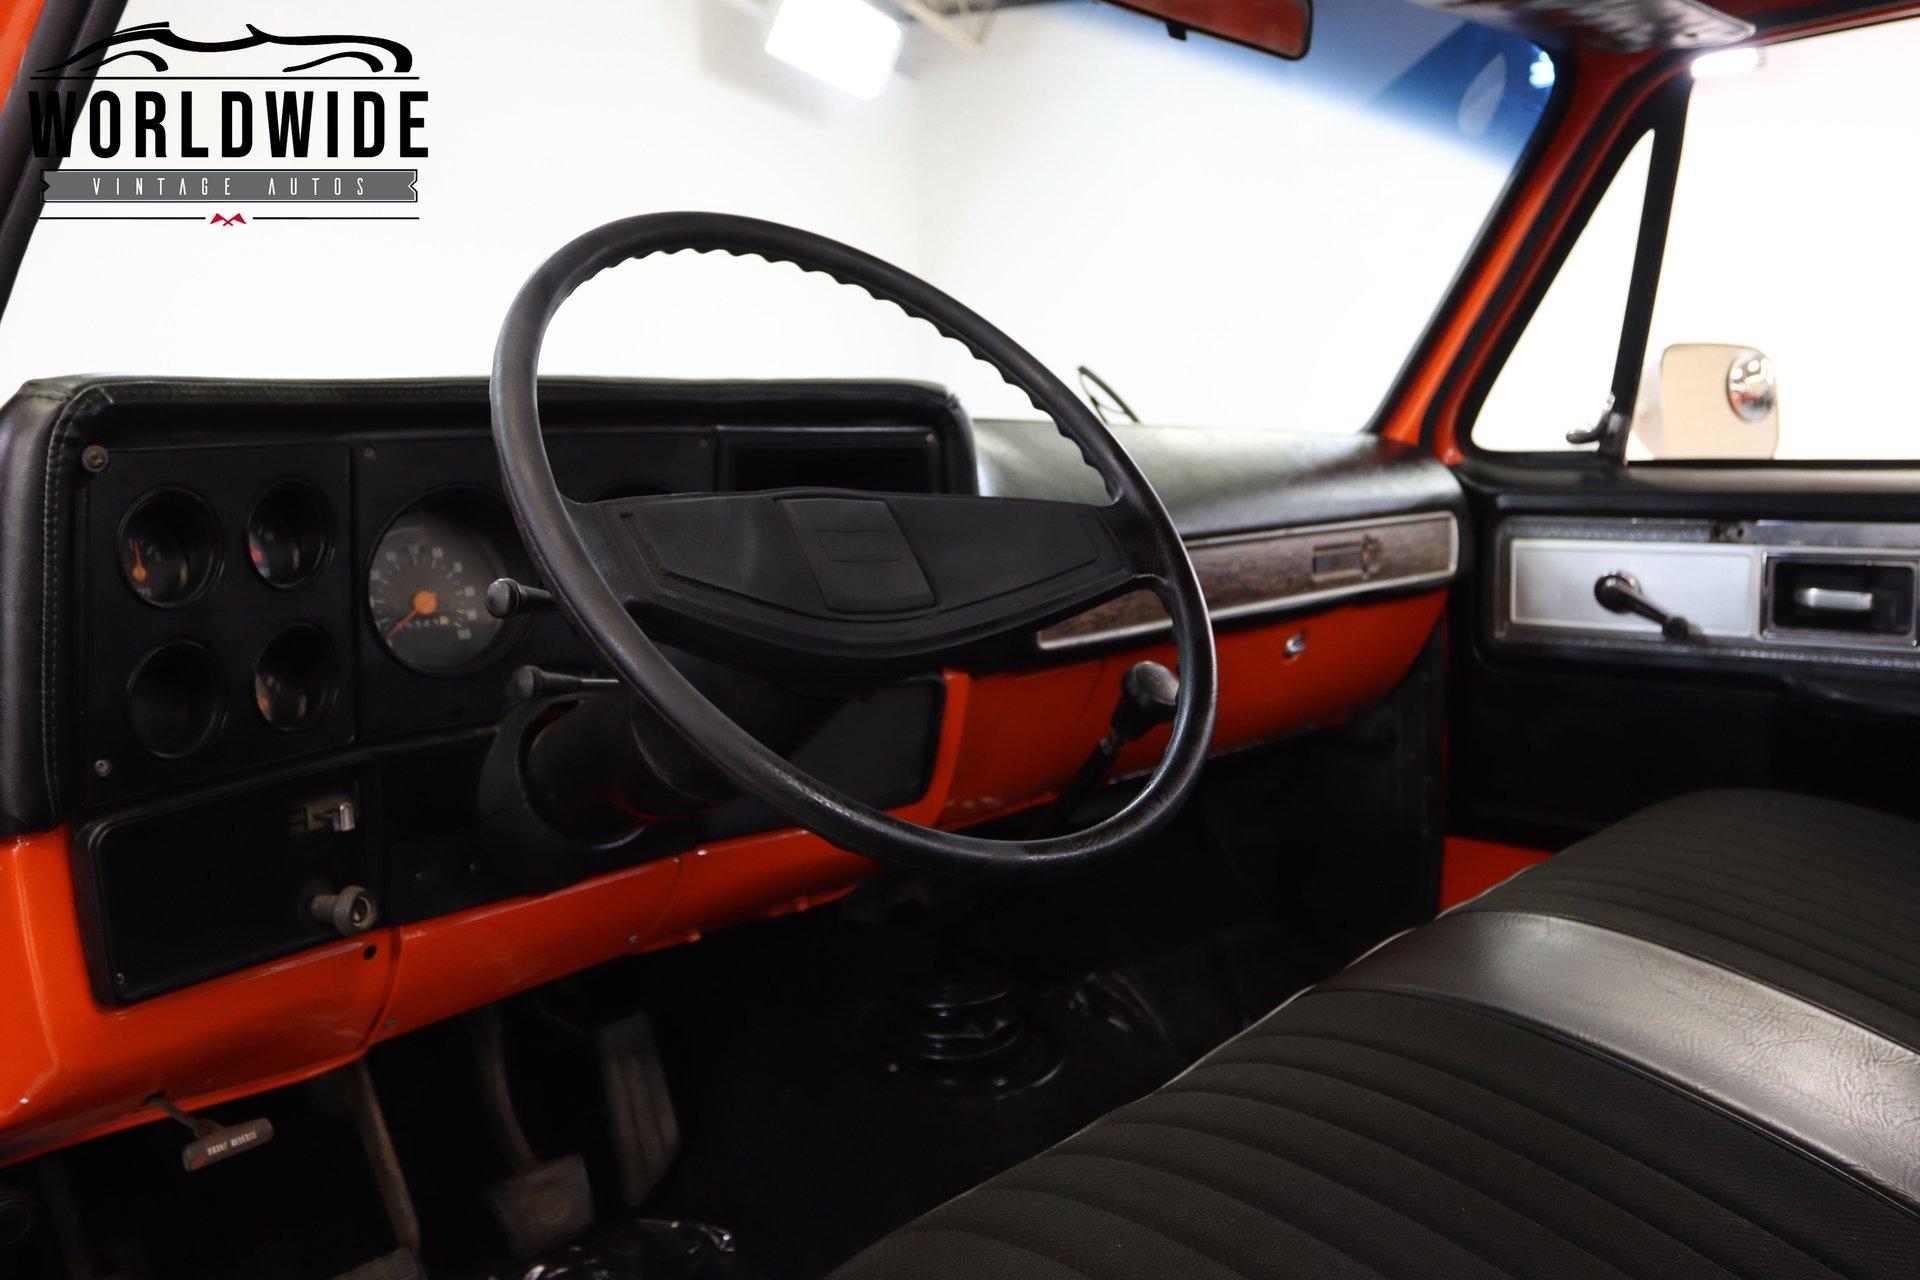 1976 GMC Sierra 1500